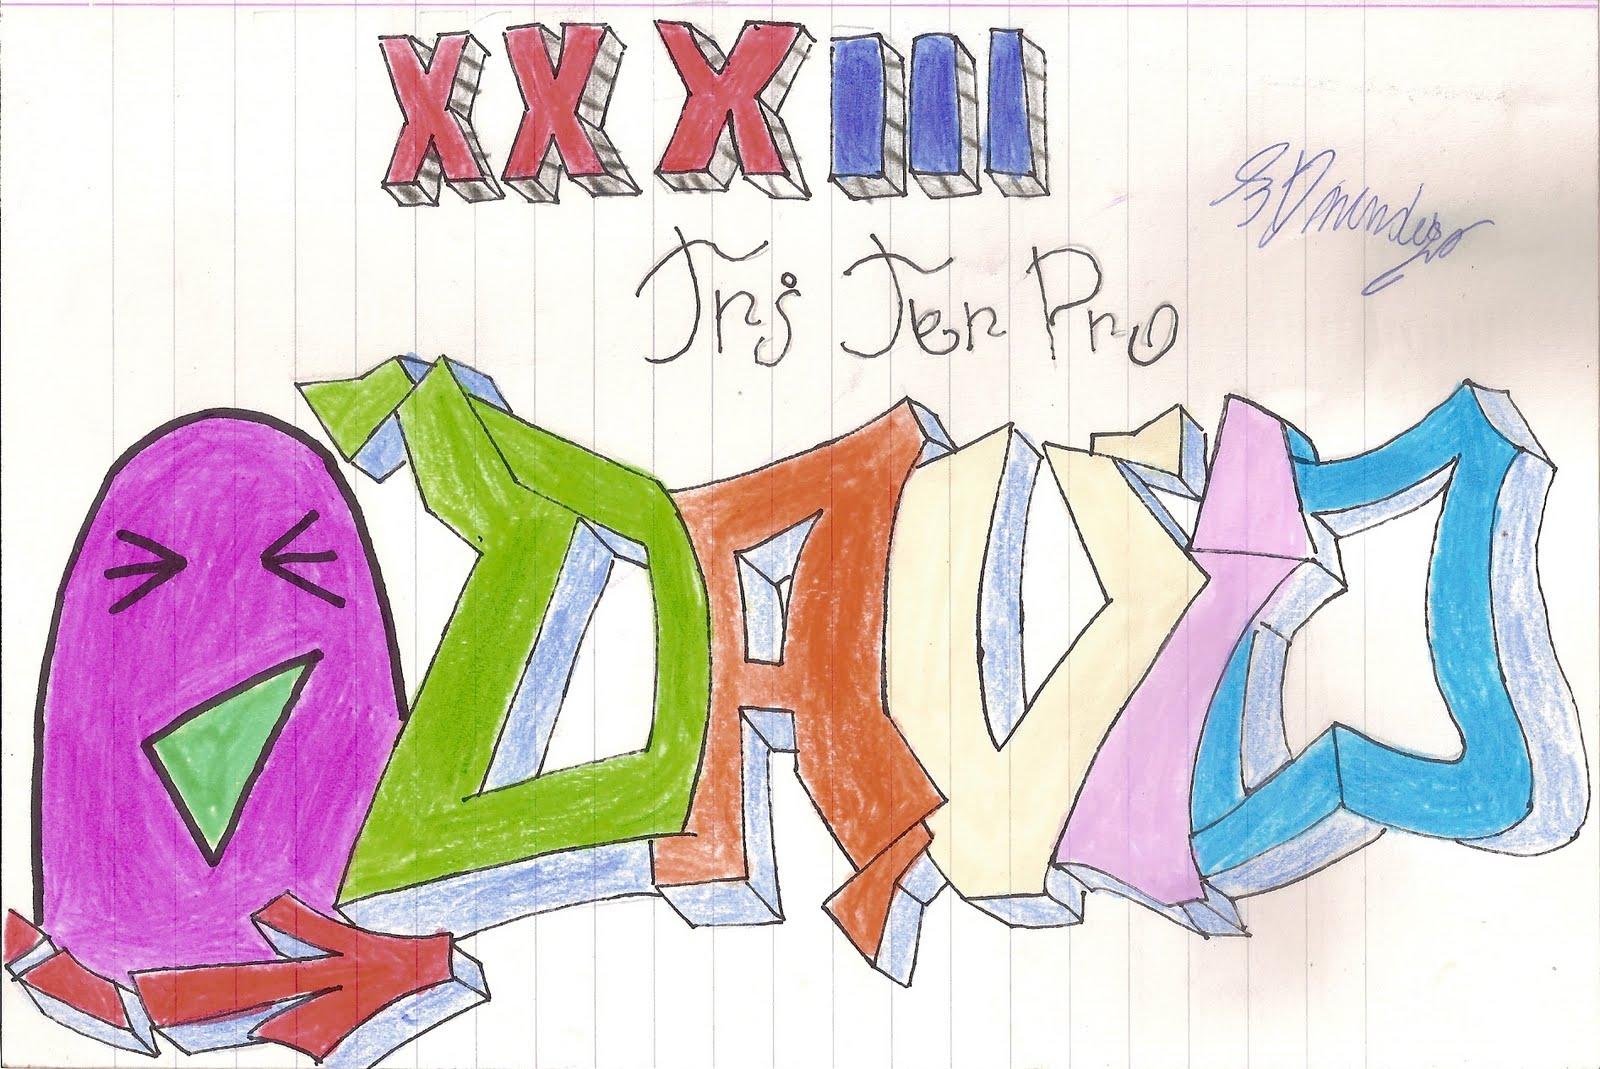 http://3.bp.blogspot.com/-8QpF9IC_m3w/TfAnAKG0V7I/AAAAAAAAADs/3lm_ZBSiWY8/s1600/Grafitti%2Bde%2BDavid%2BMendoza.jpg